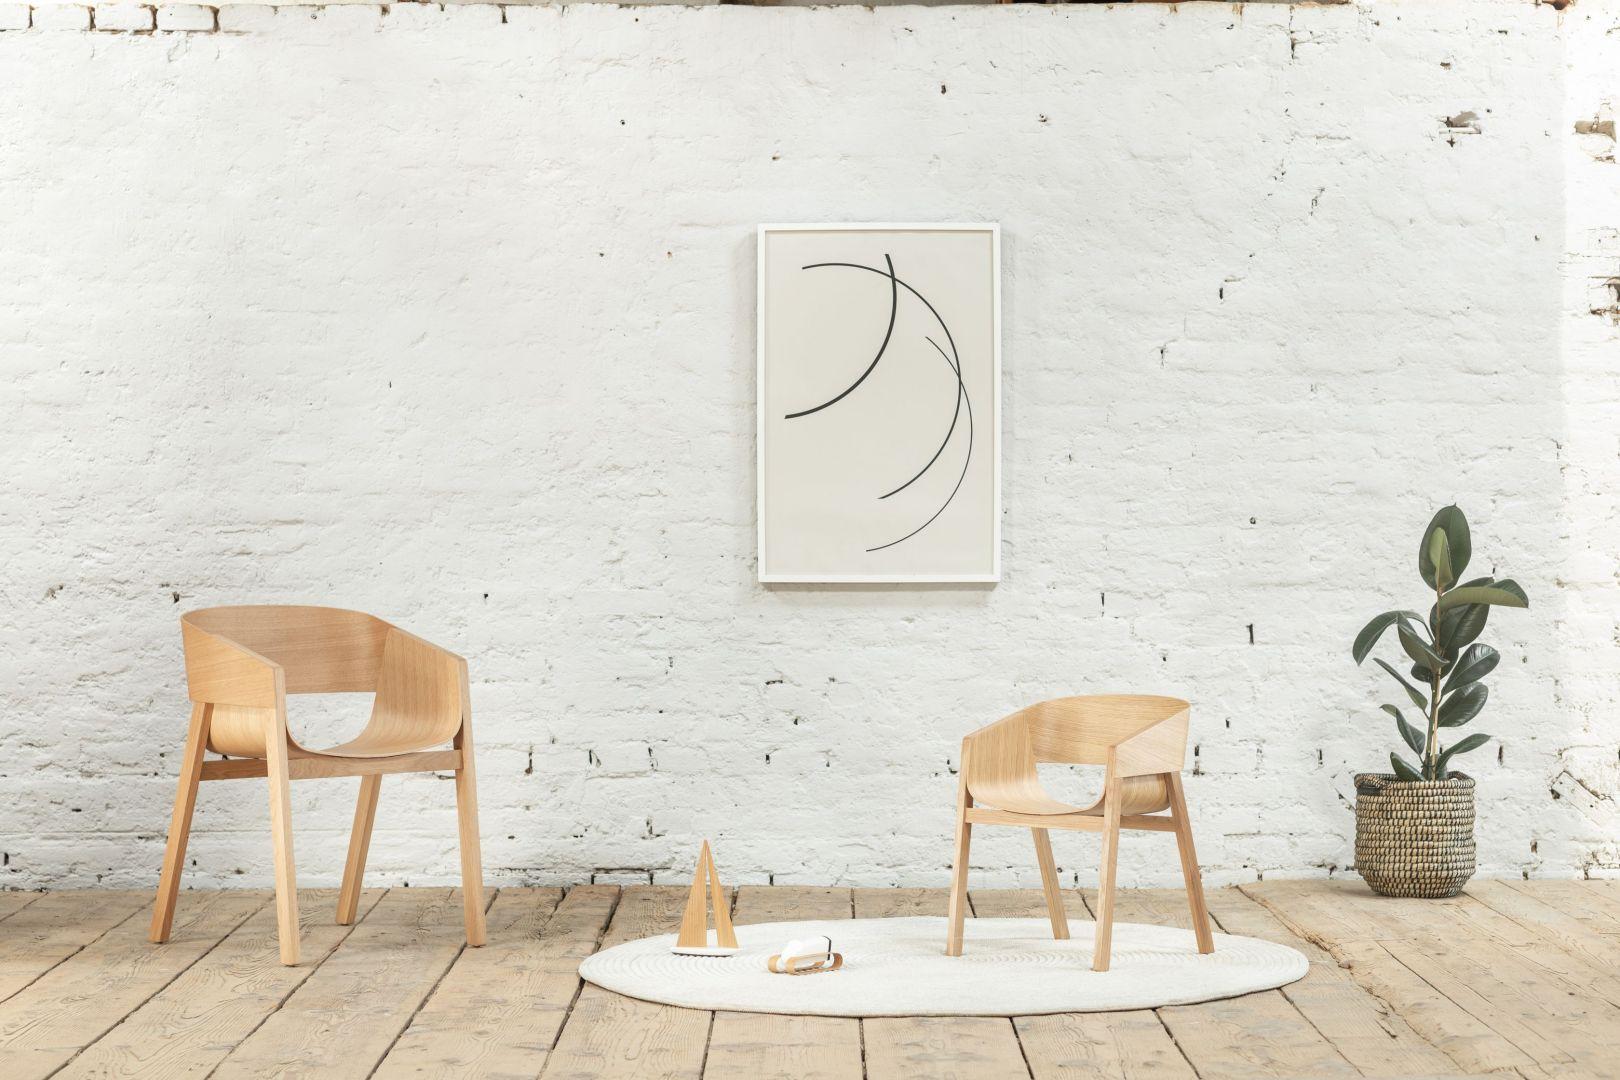 Fotel Merano trafił do sprzedaży 10 lat temu. Z tej okazji marka Ton wyprodukowała limitowaną edycję 30 sztuk w zmniejszonej wersji. Fot. Ton